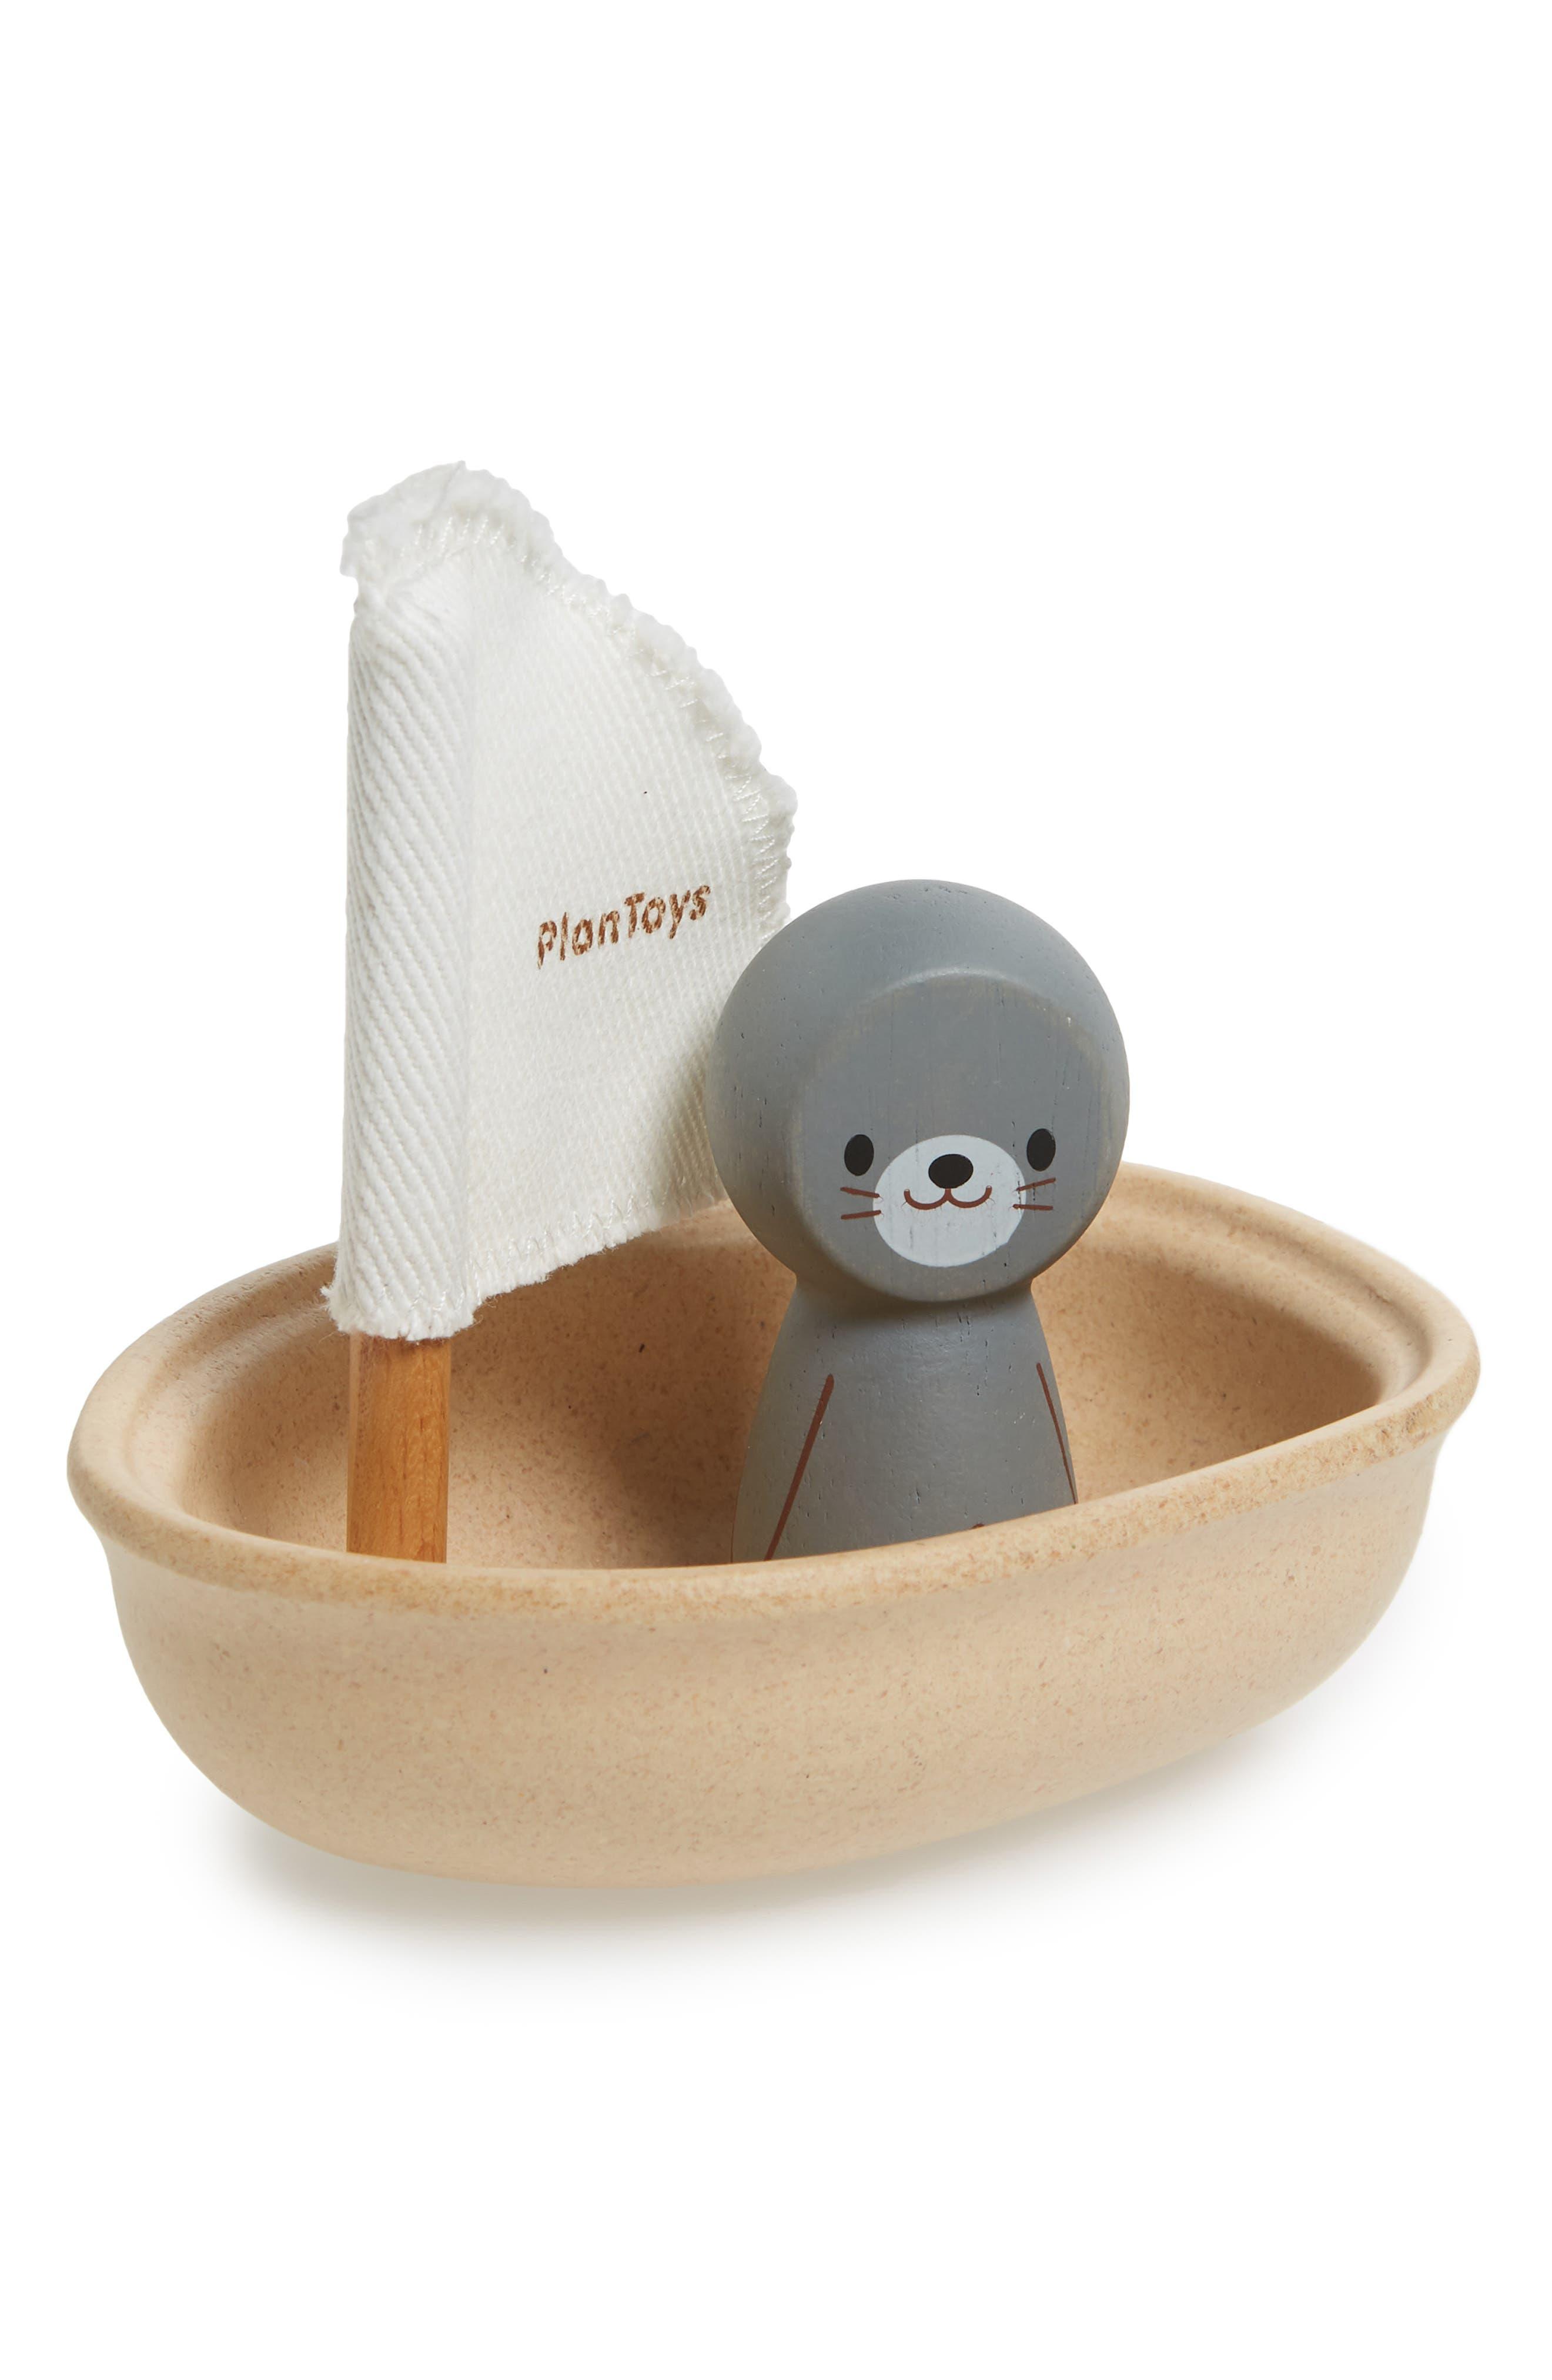 Plan Toys<sup>®</sup> Seal Sailing Boat Toy,                             Main thumbnail 1, color,                             200